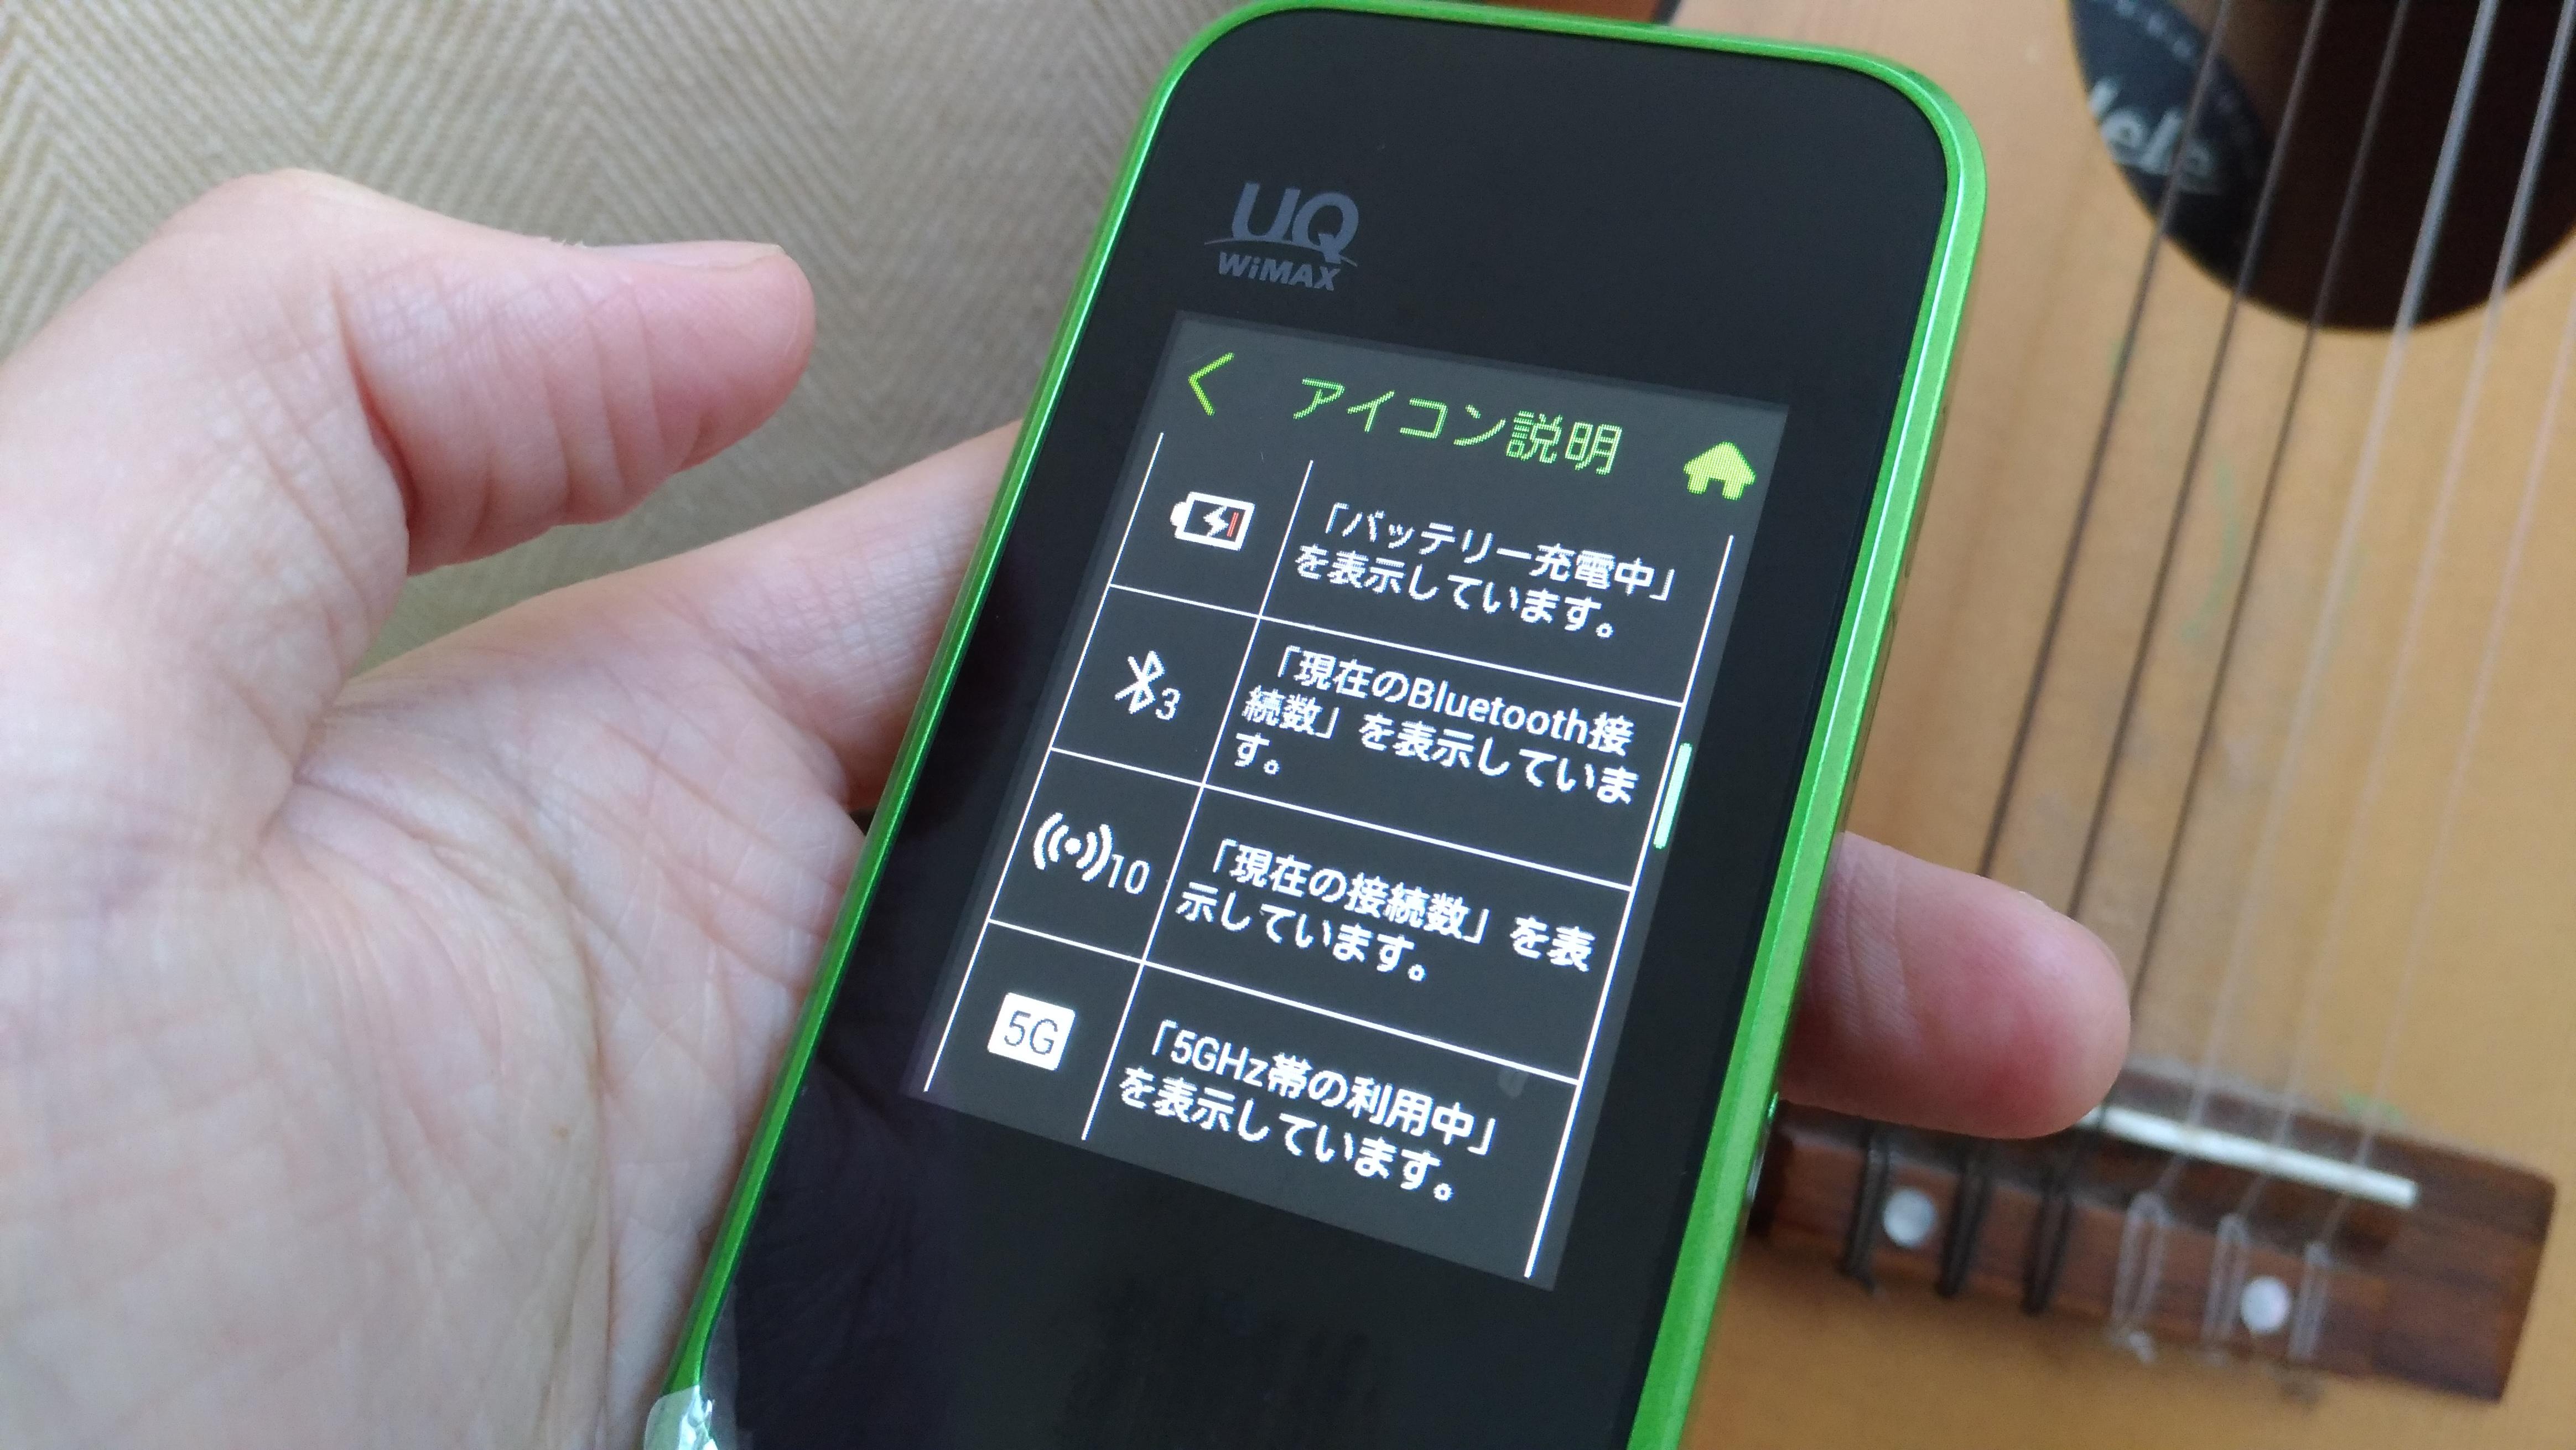 アイコン説明/NFCの使い方